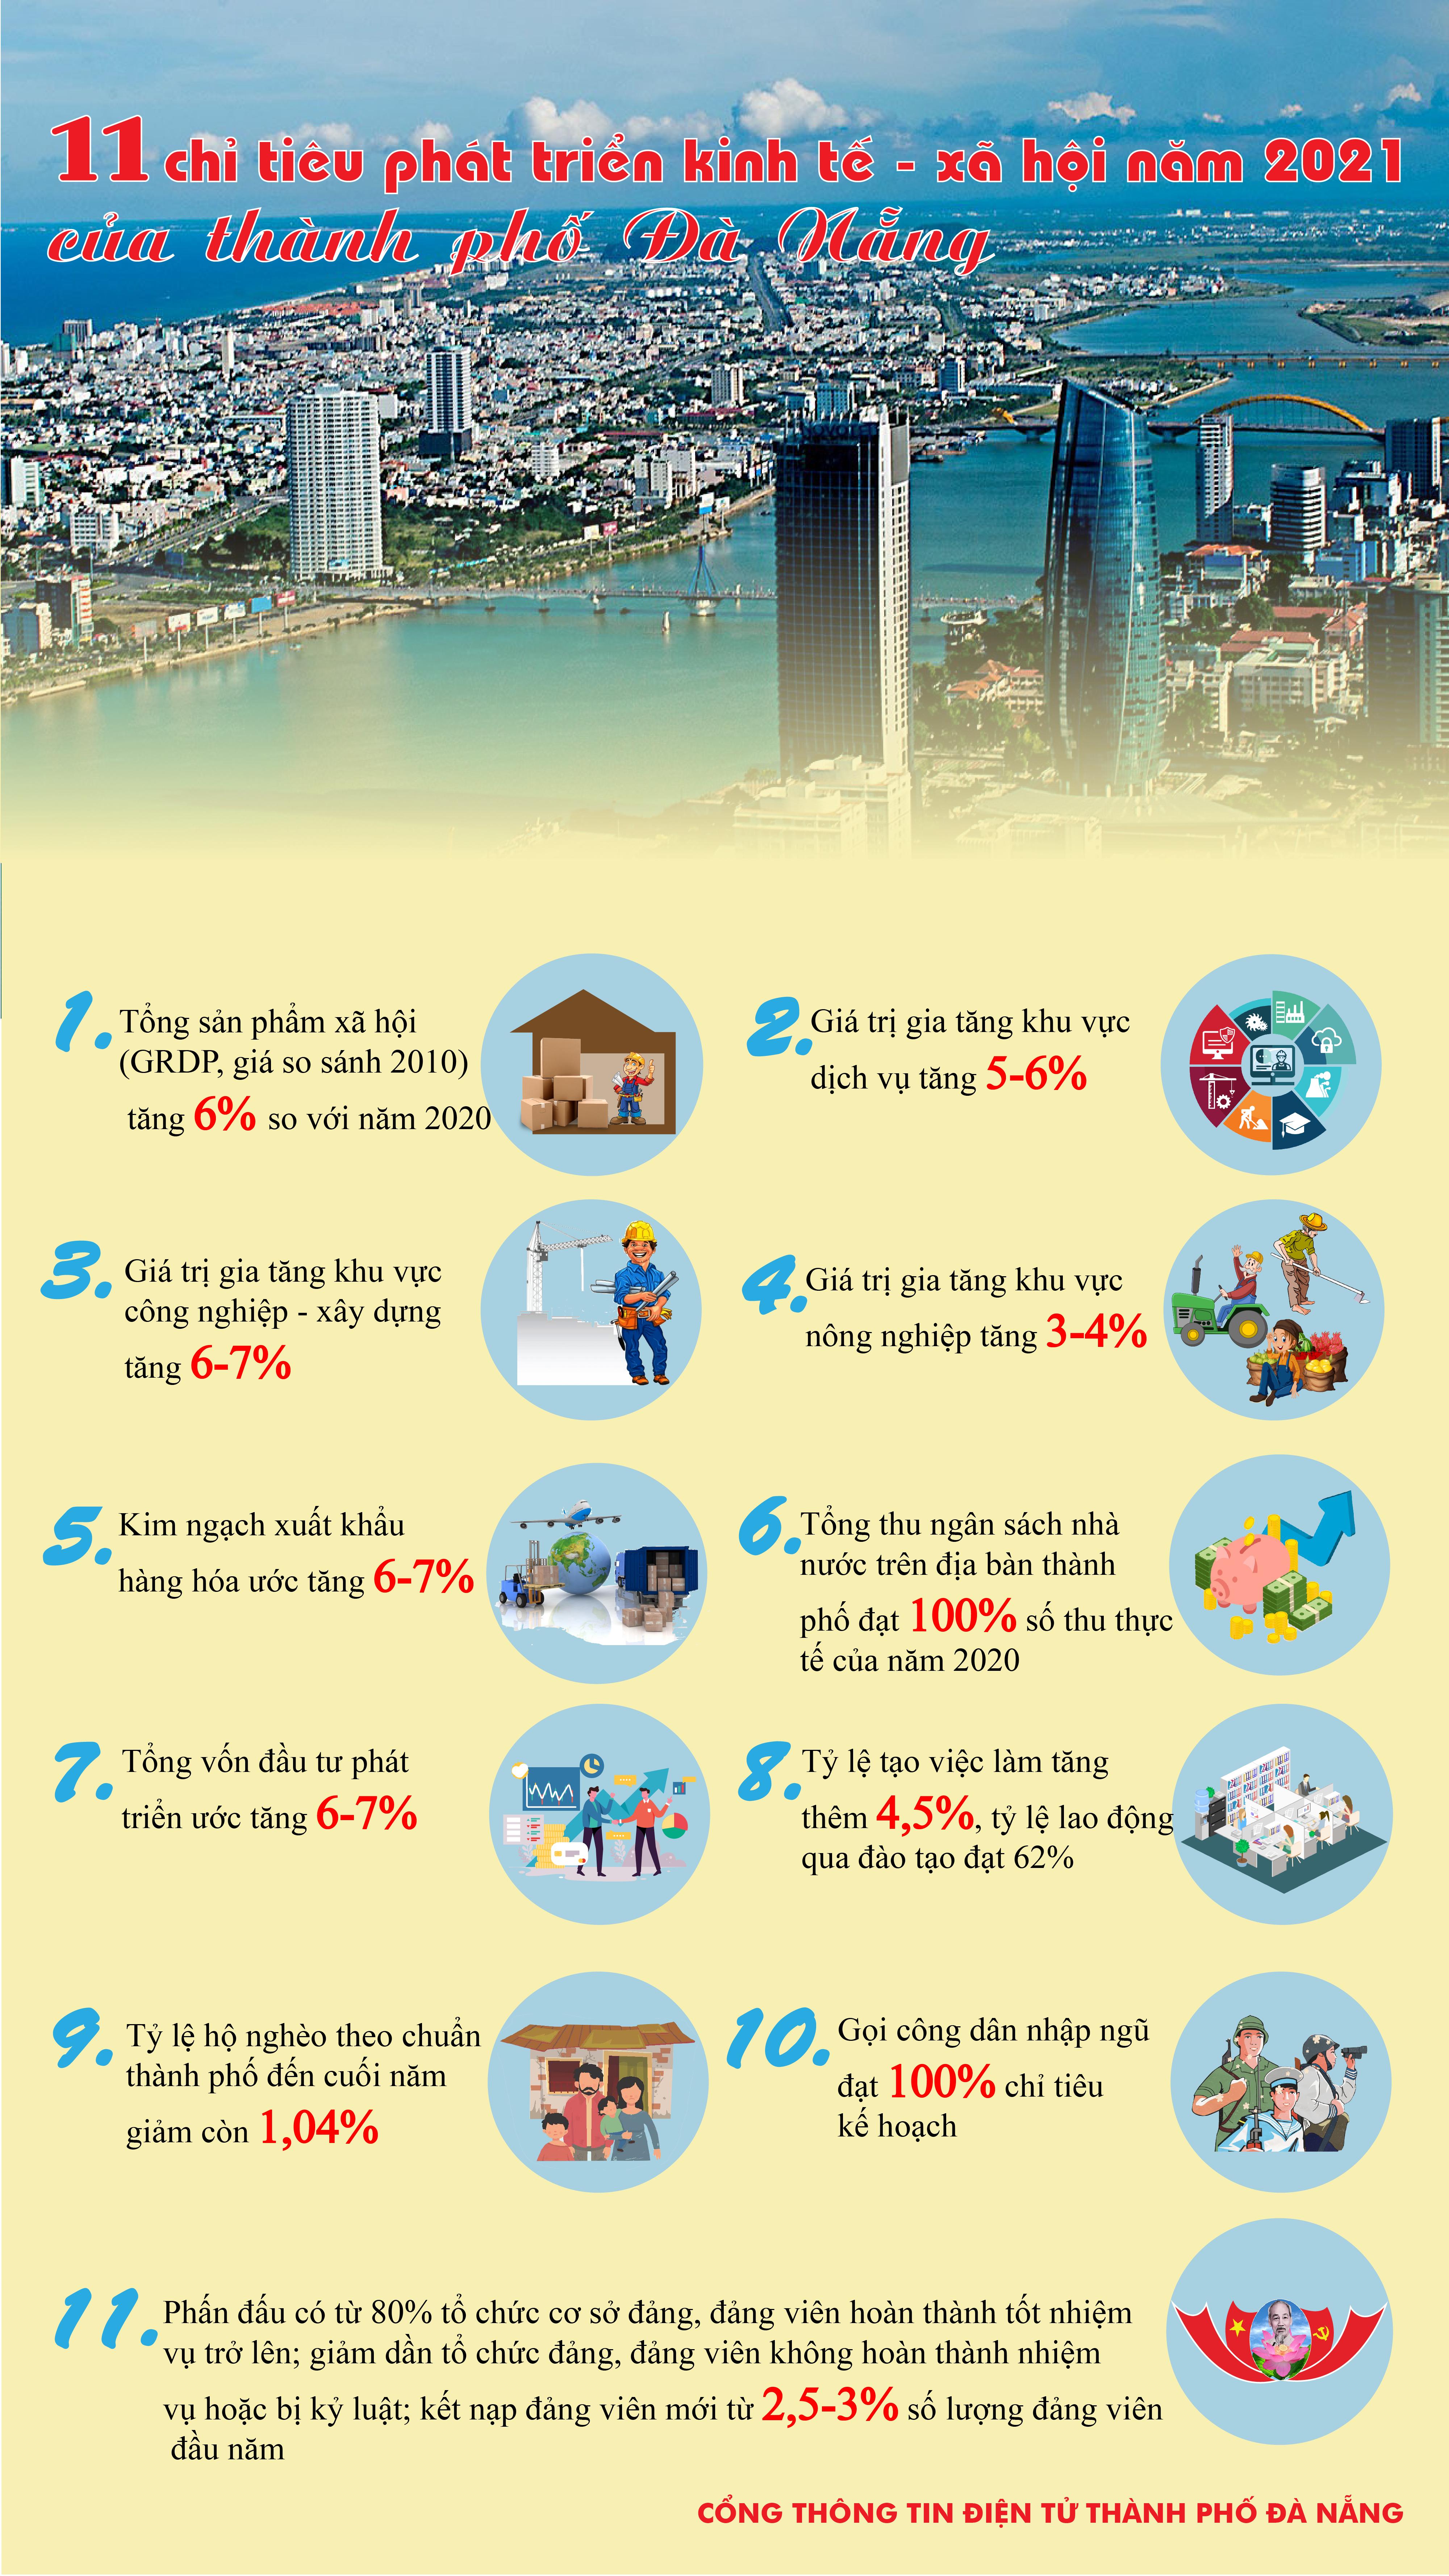 [Infographic]: Chỉ tiêu phát triển kinh tế - xã hội năm 2021 của Đà Nẵng